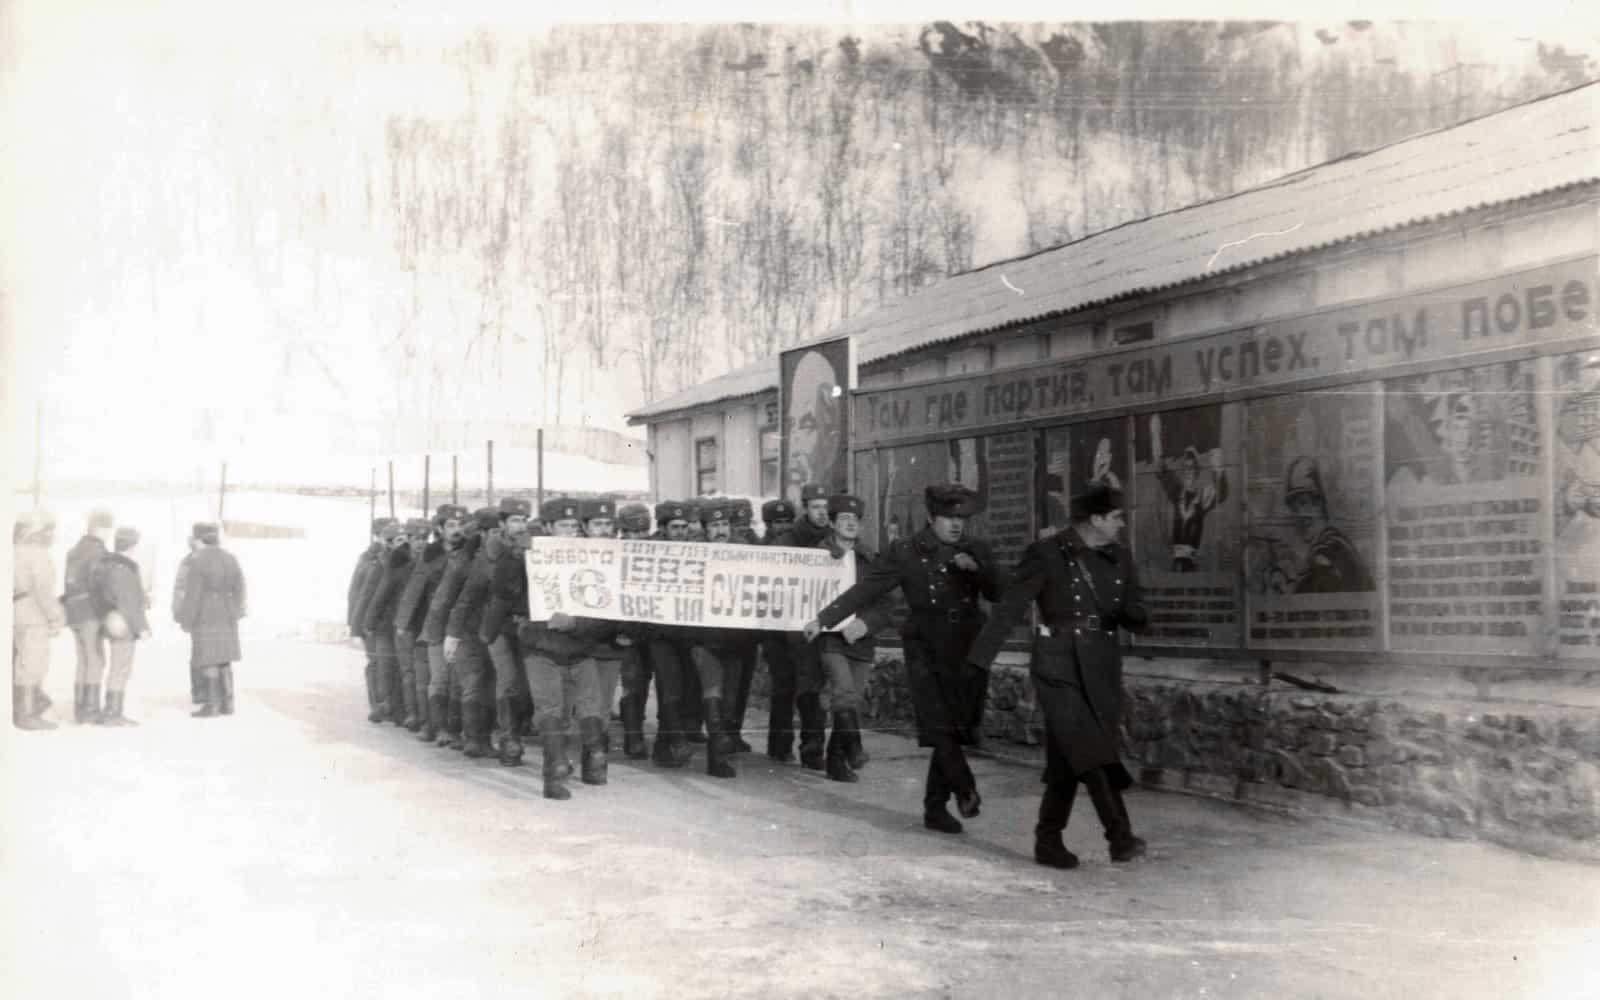 Все на коммунистический субботник (16 апреля 1983 года, Ара-Губа, расположение в/ч 11767)